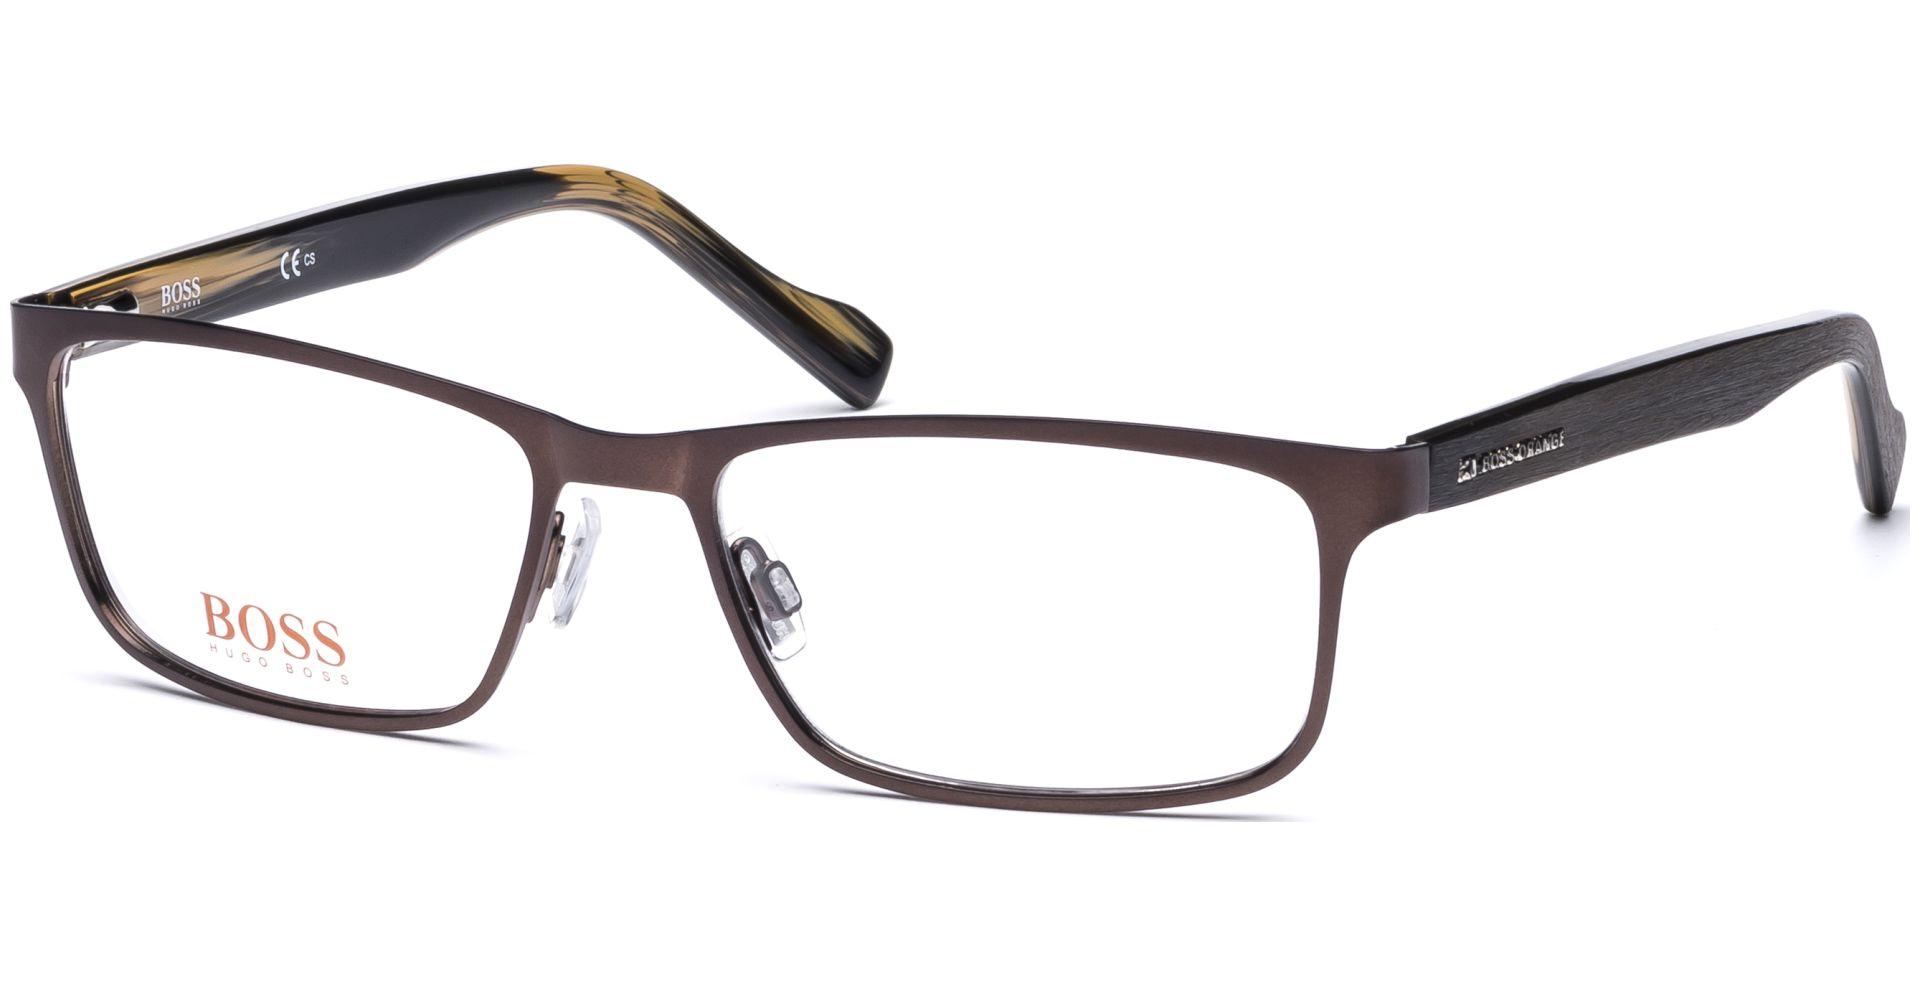 ray ban brillen online anprobe